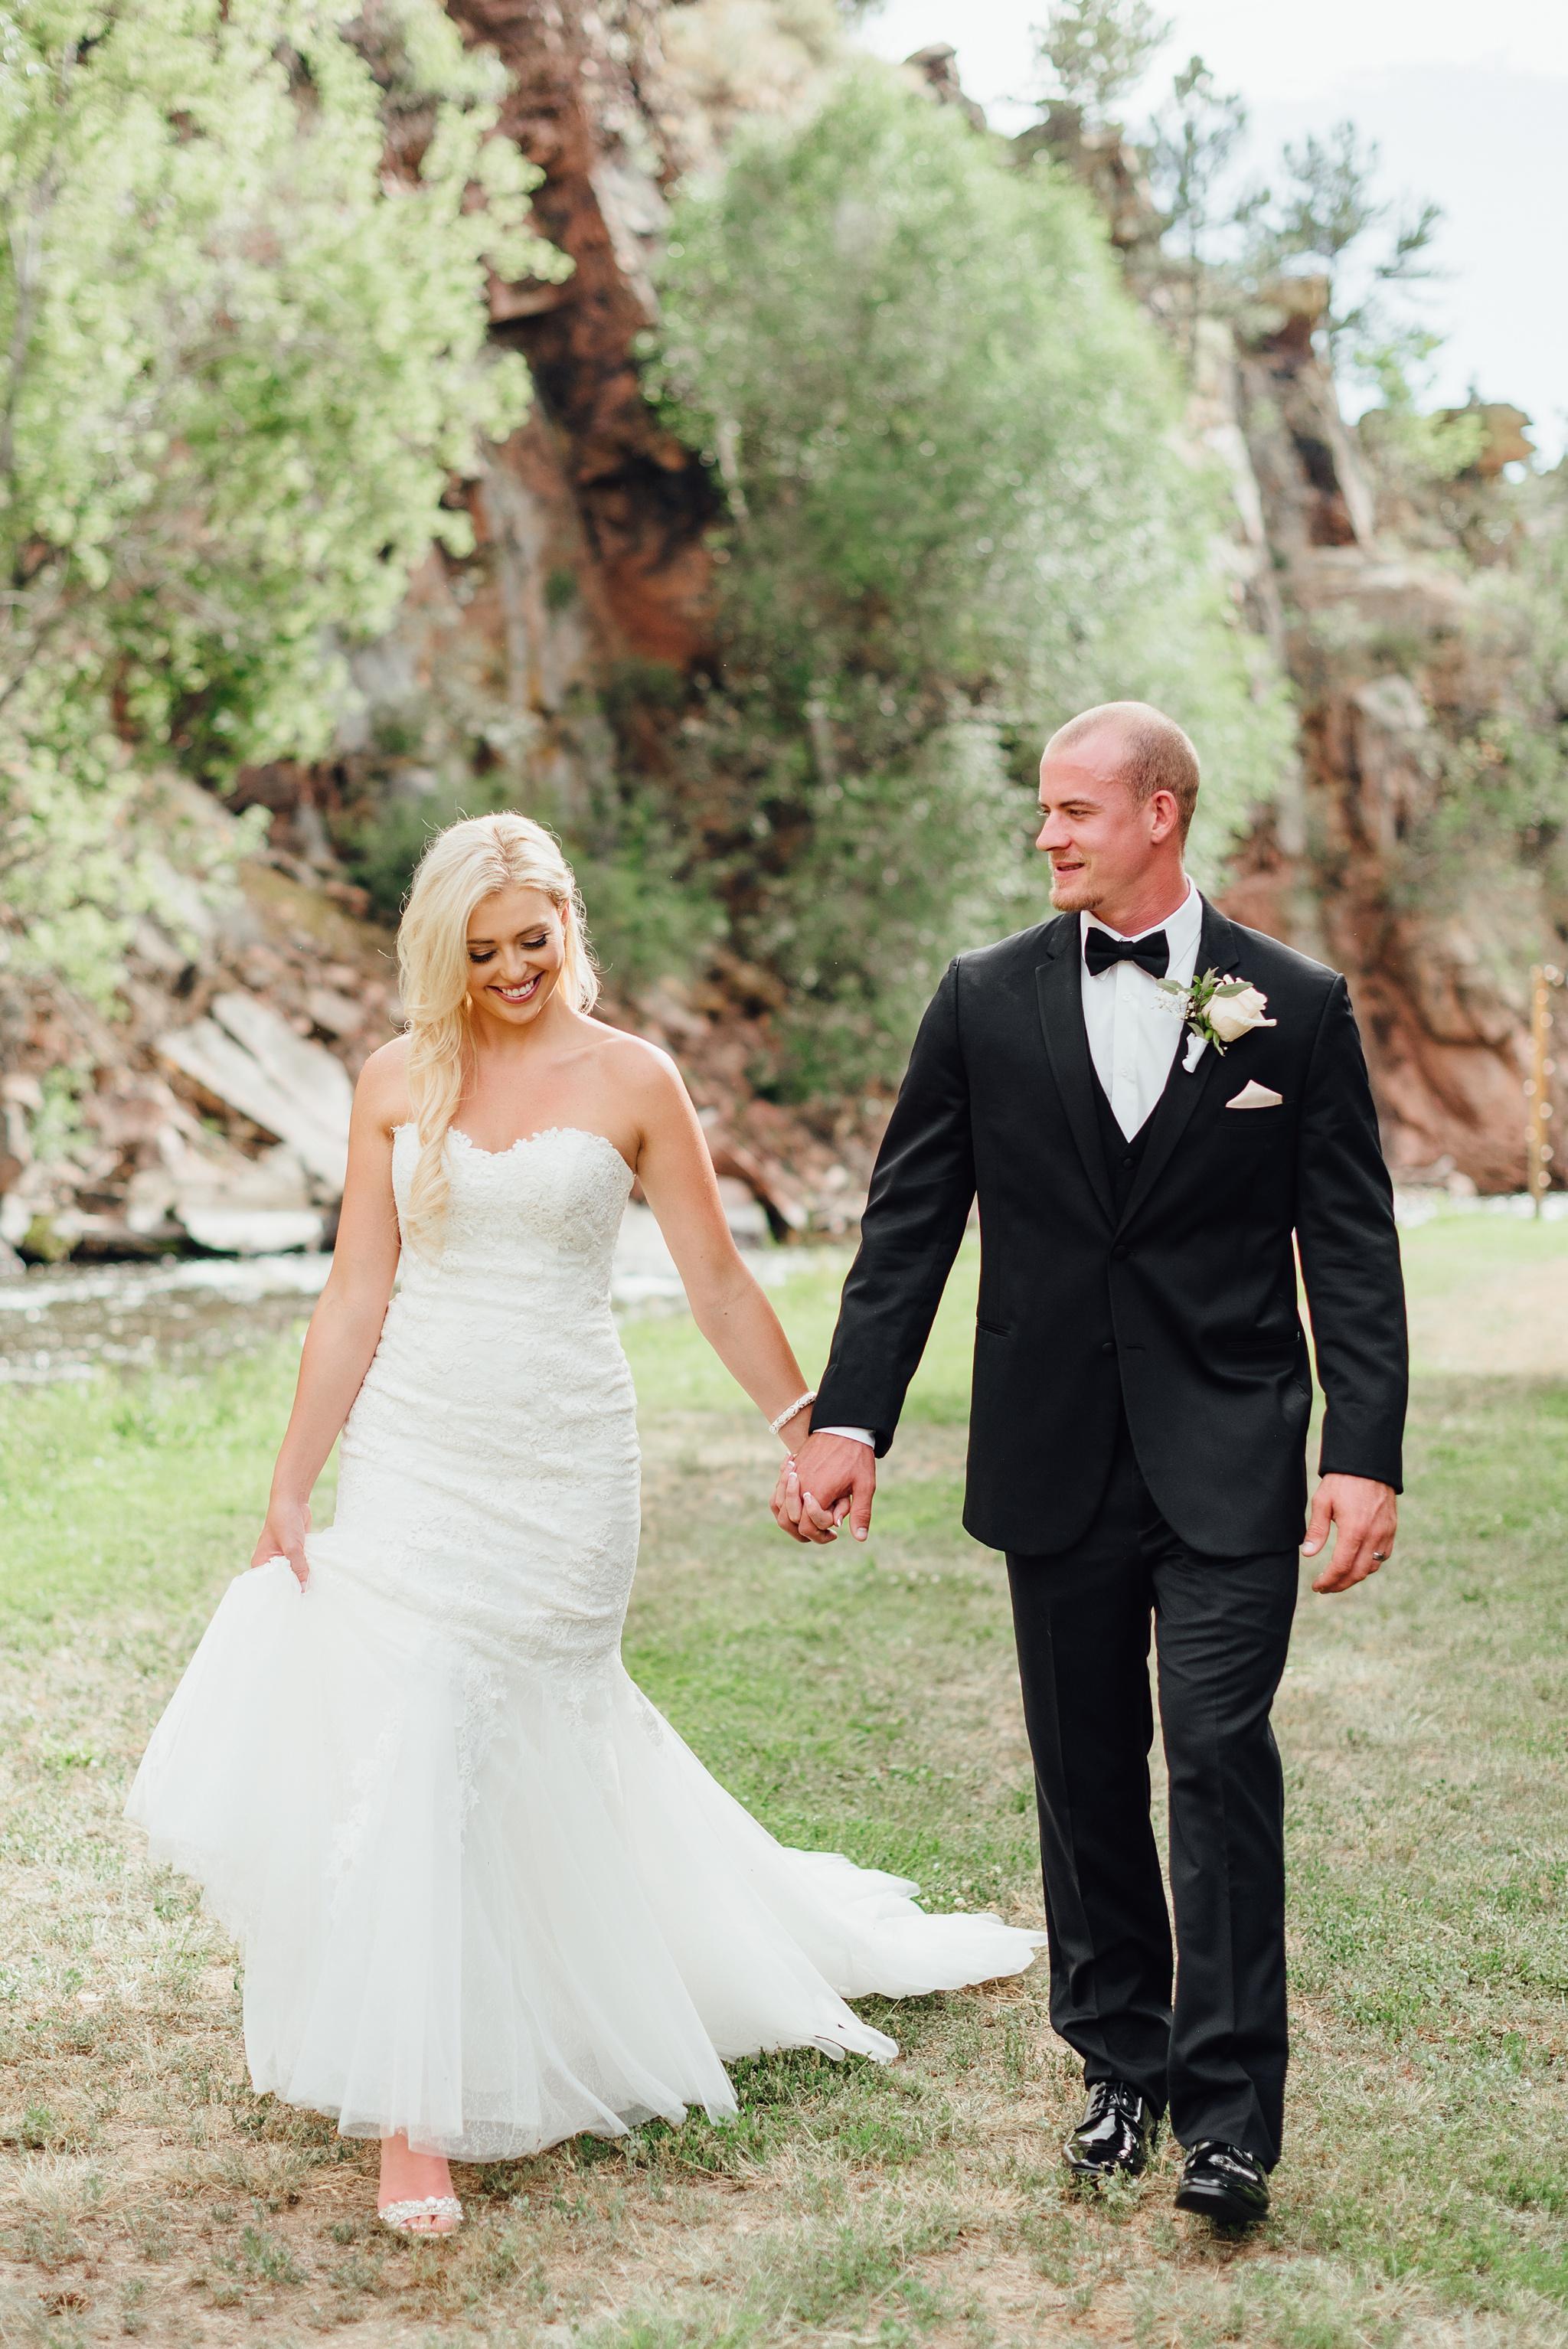 wedding at river bend in lyons, colorado